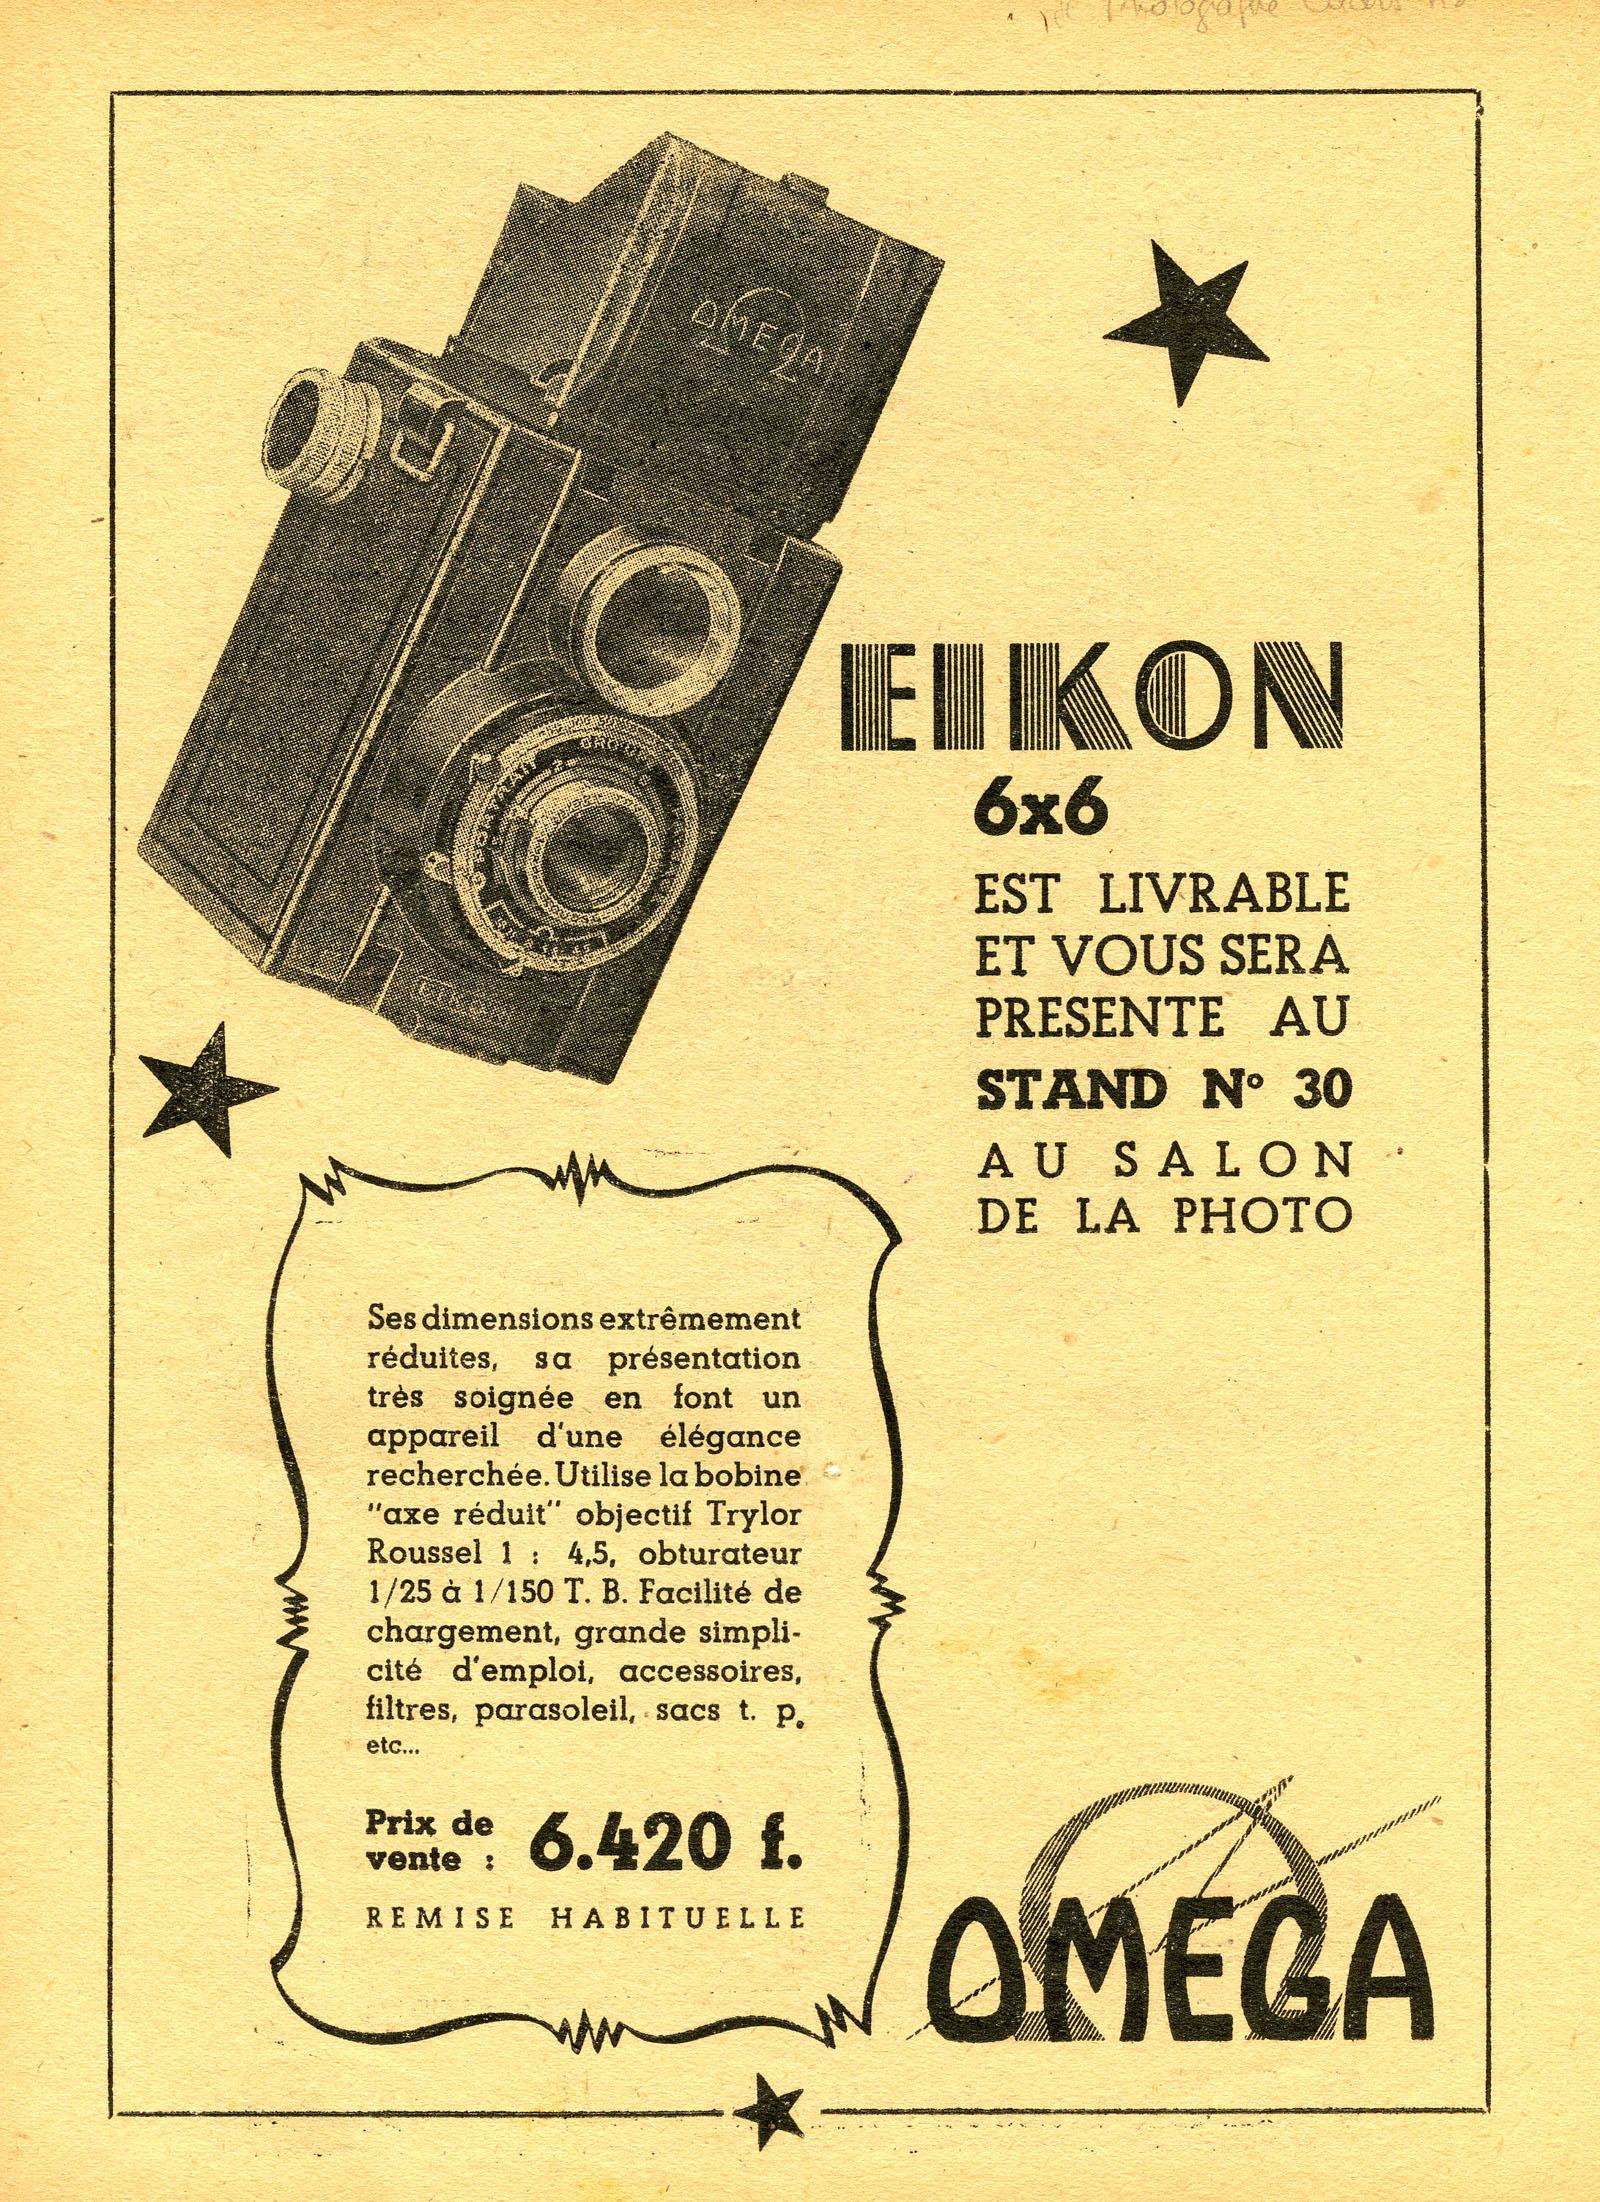 Wallpaper 1484-7  FOTOKIN  Eikon omega 6X6, collection AMI Appareils photos